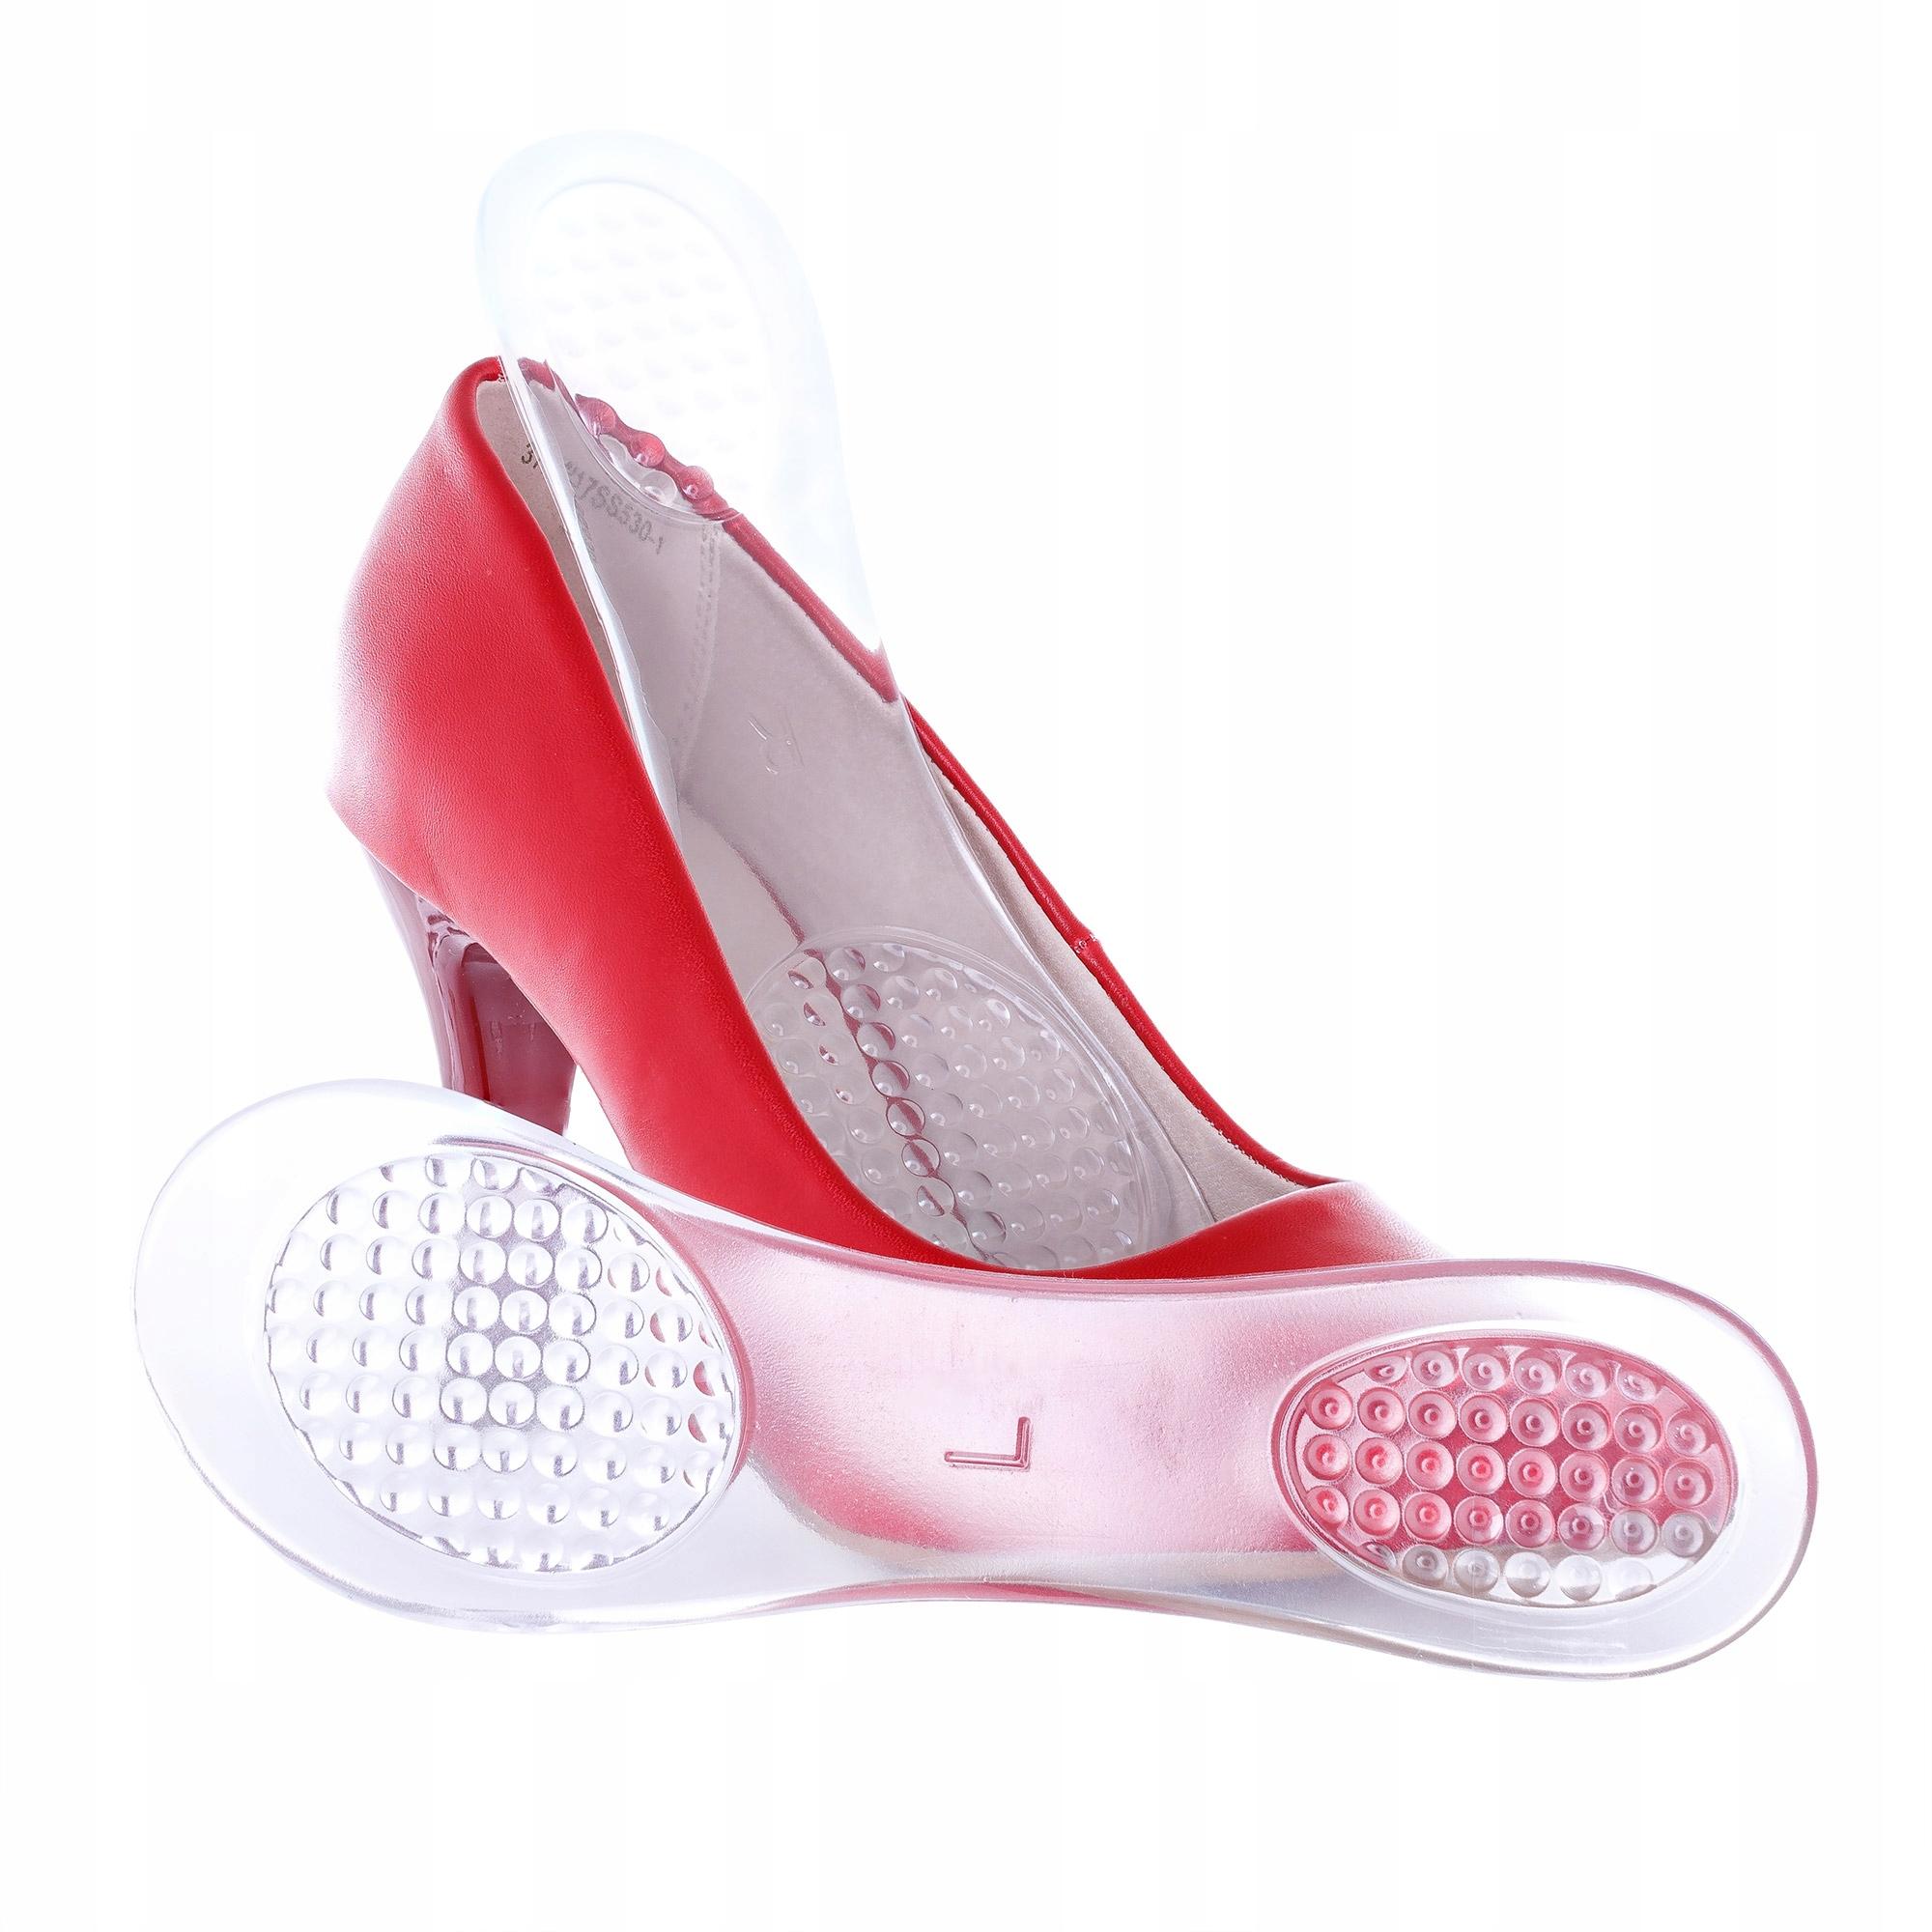 Гелевые стельки для обуви на шпильке на высоком каблуке